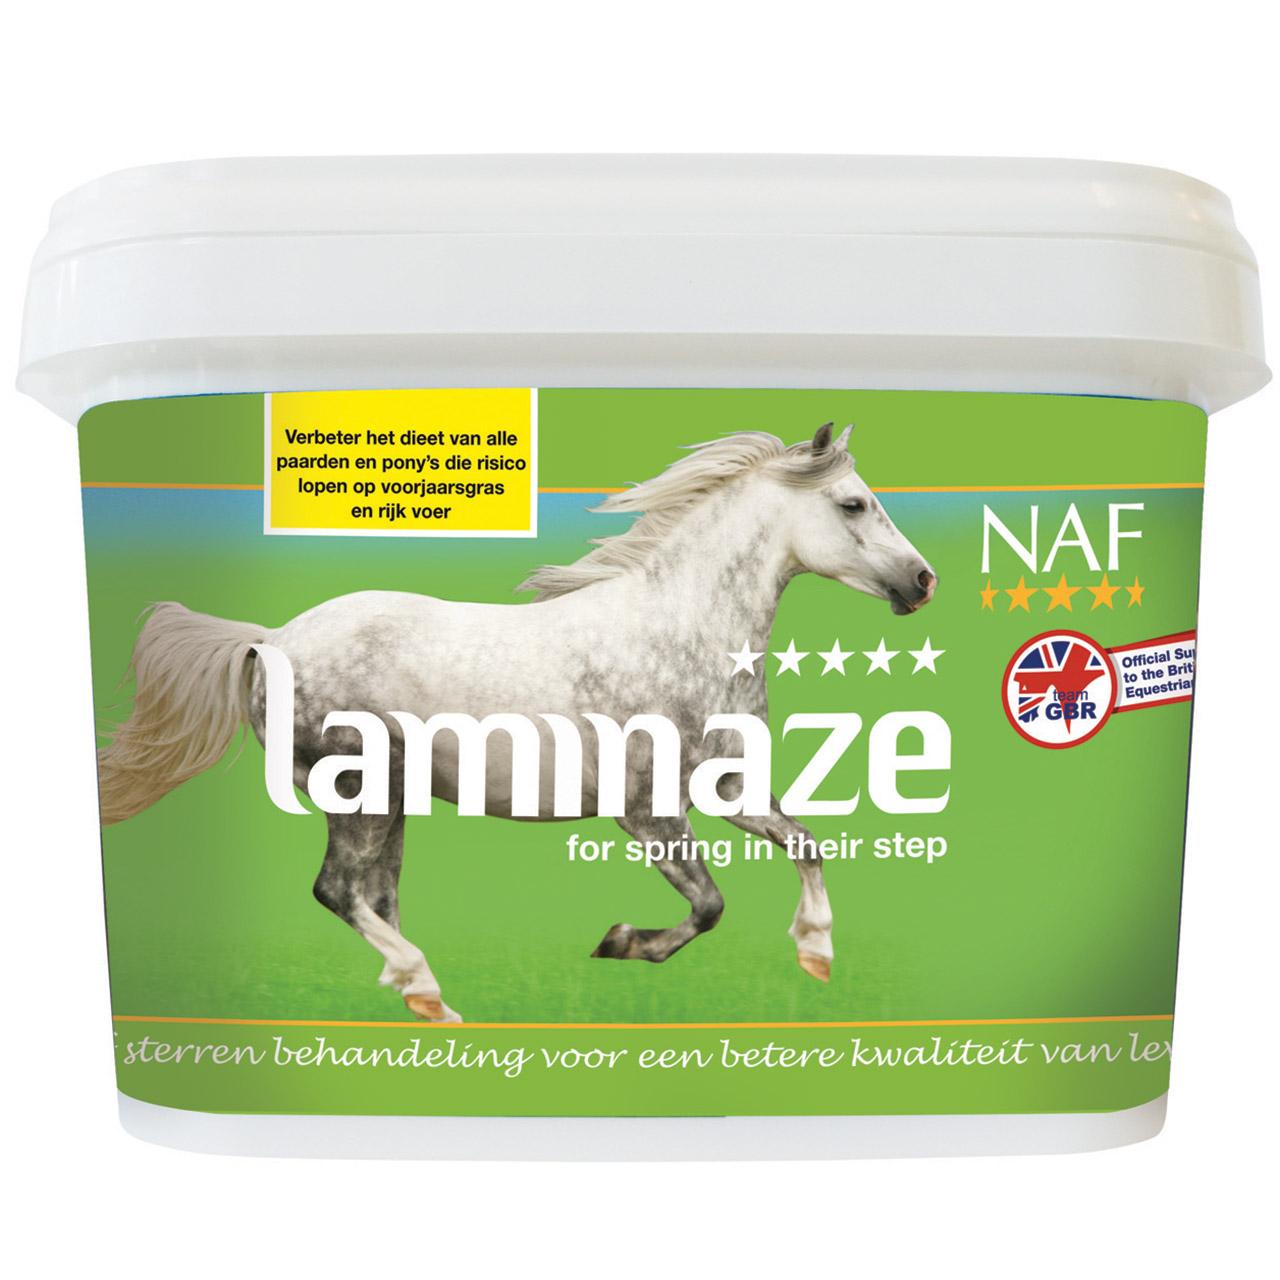 NAF Laminaze 750 gr